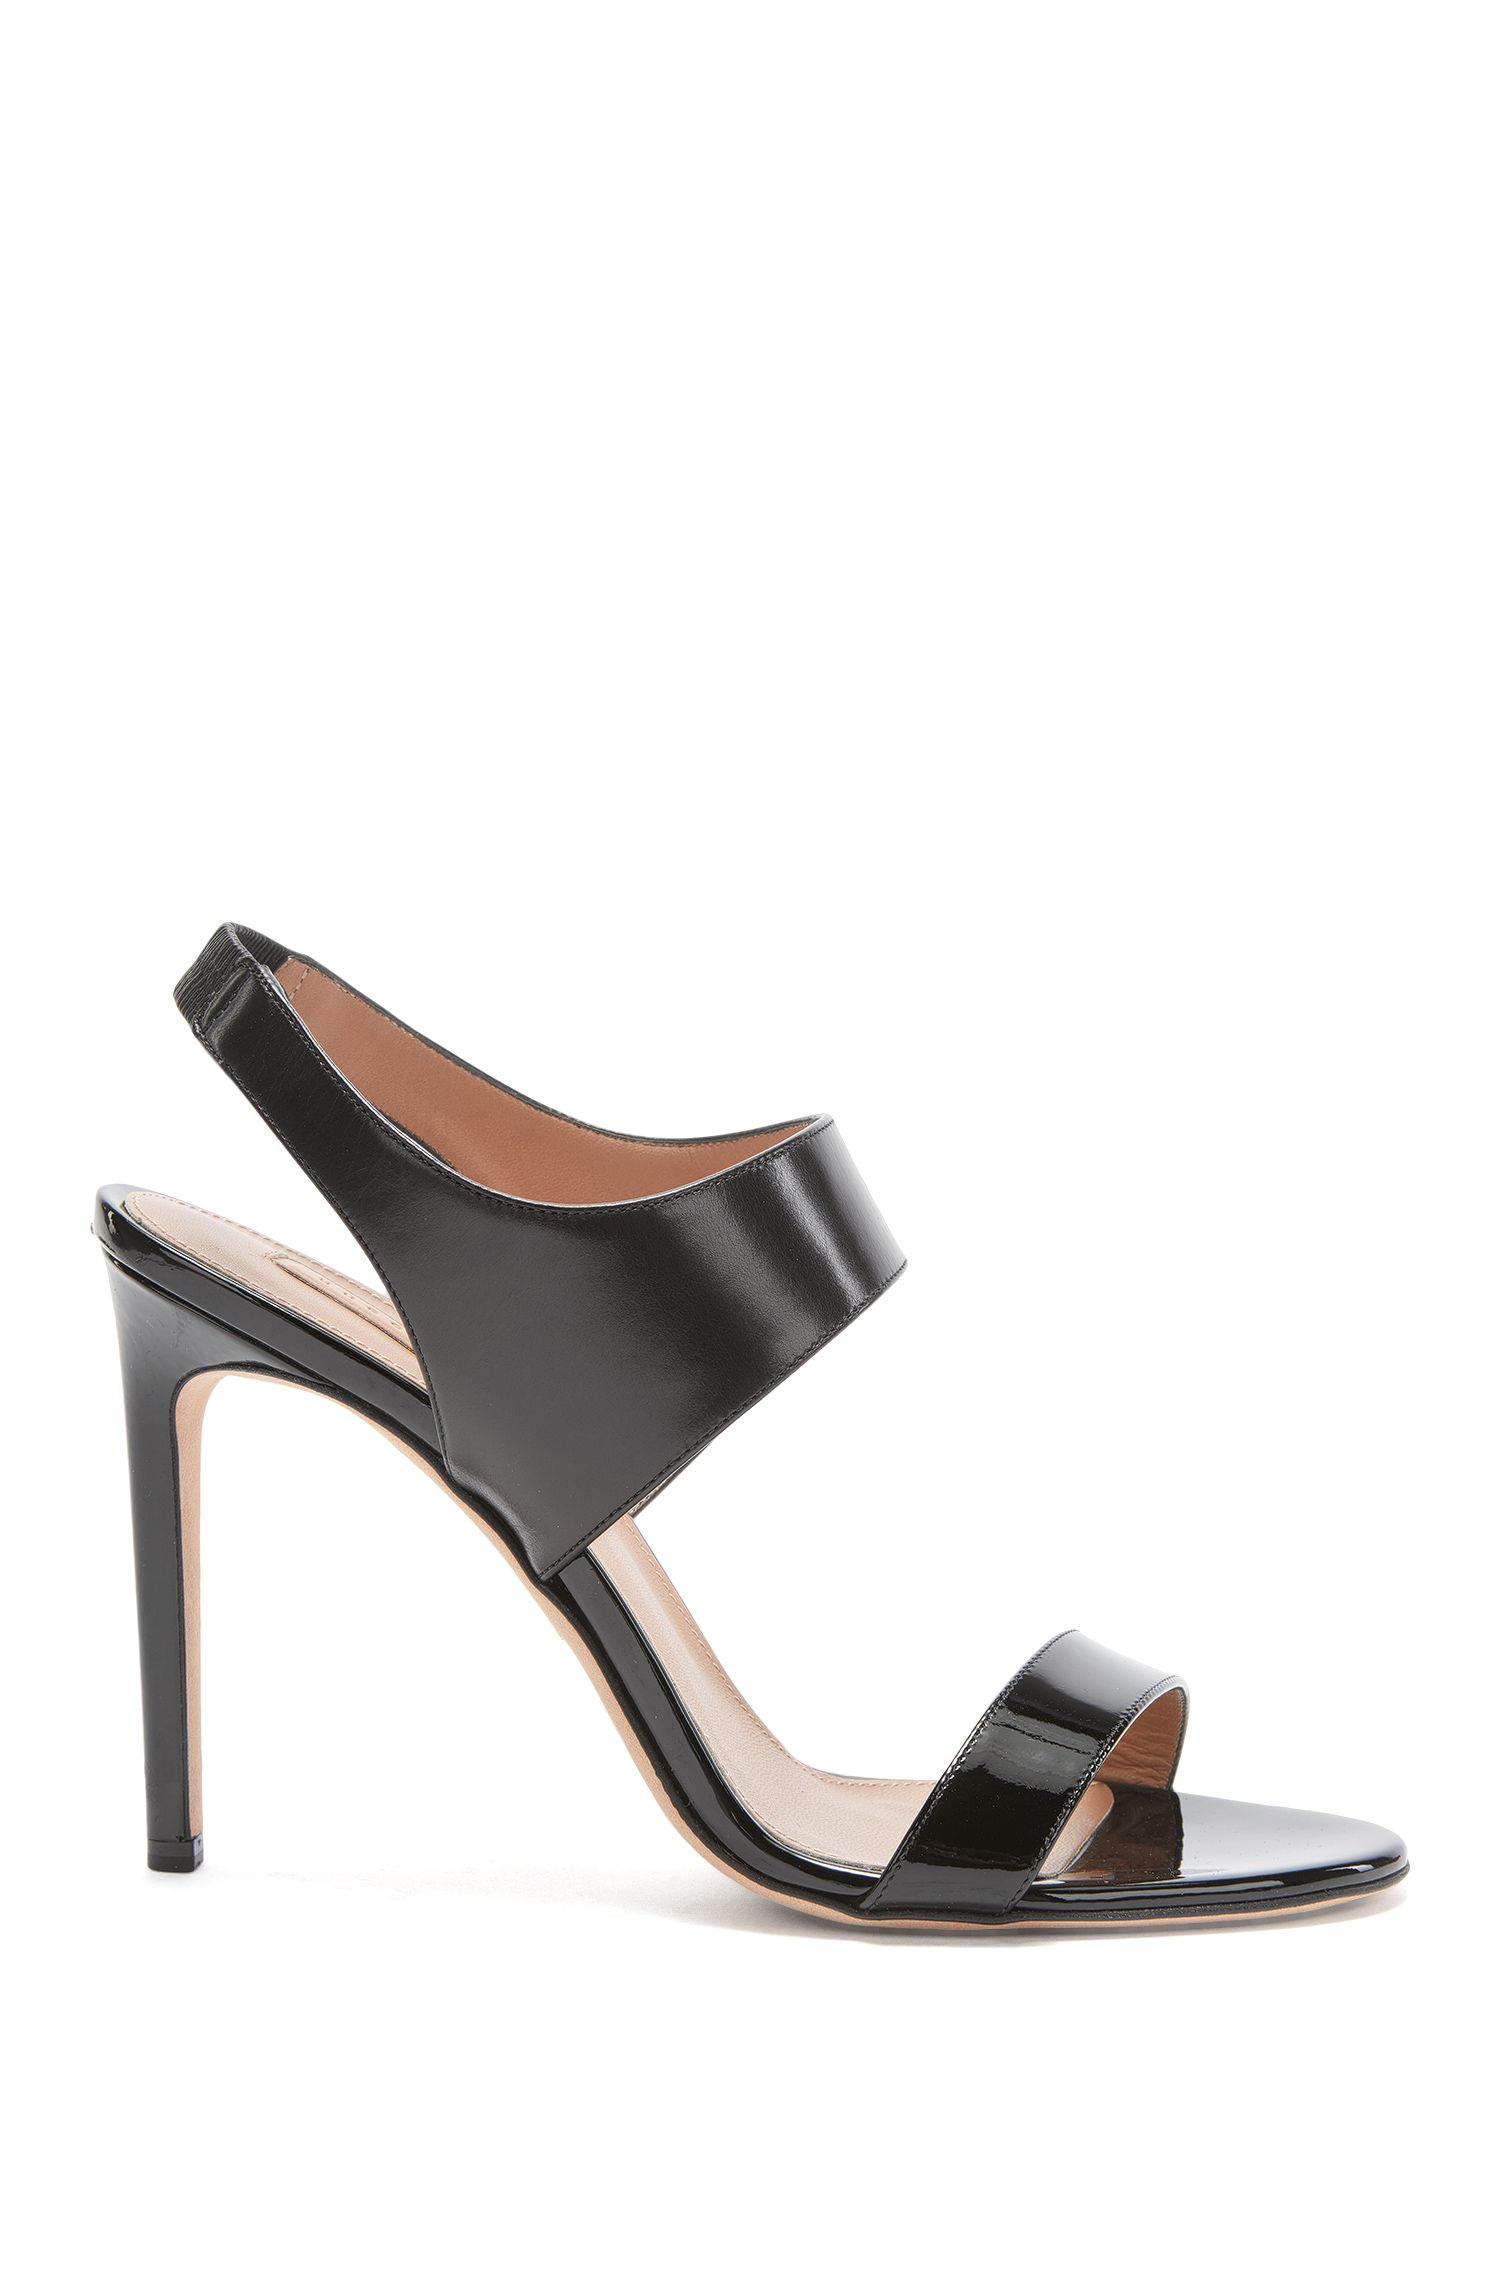 Sandales BOSS Luxury Staple luxueux, en cuir italien noble